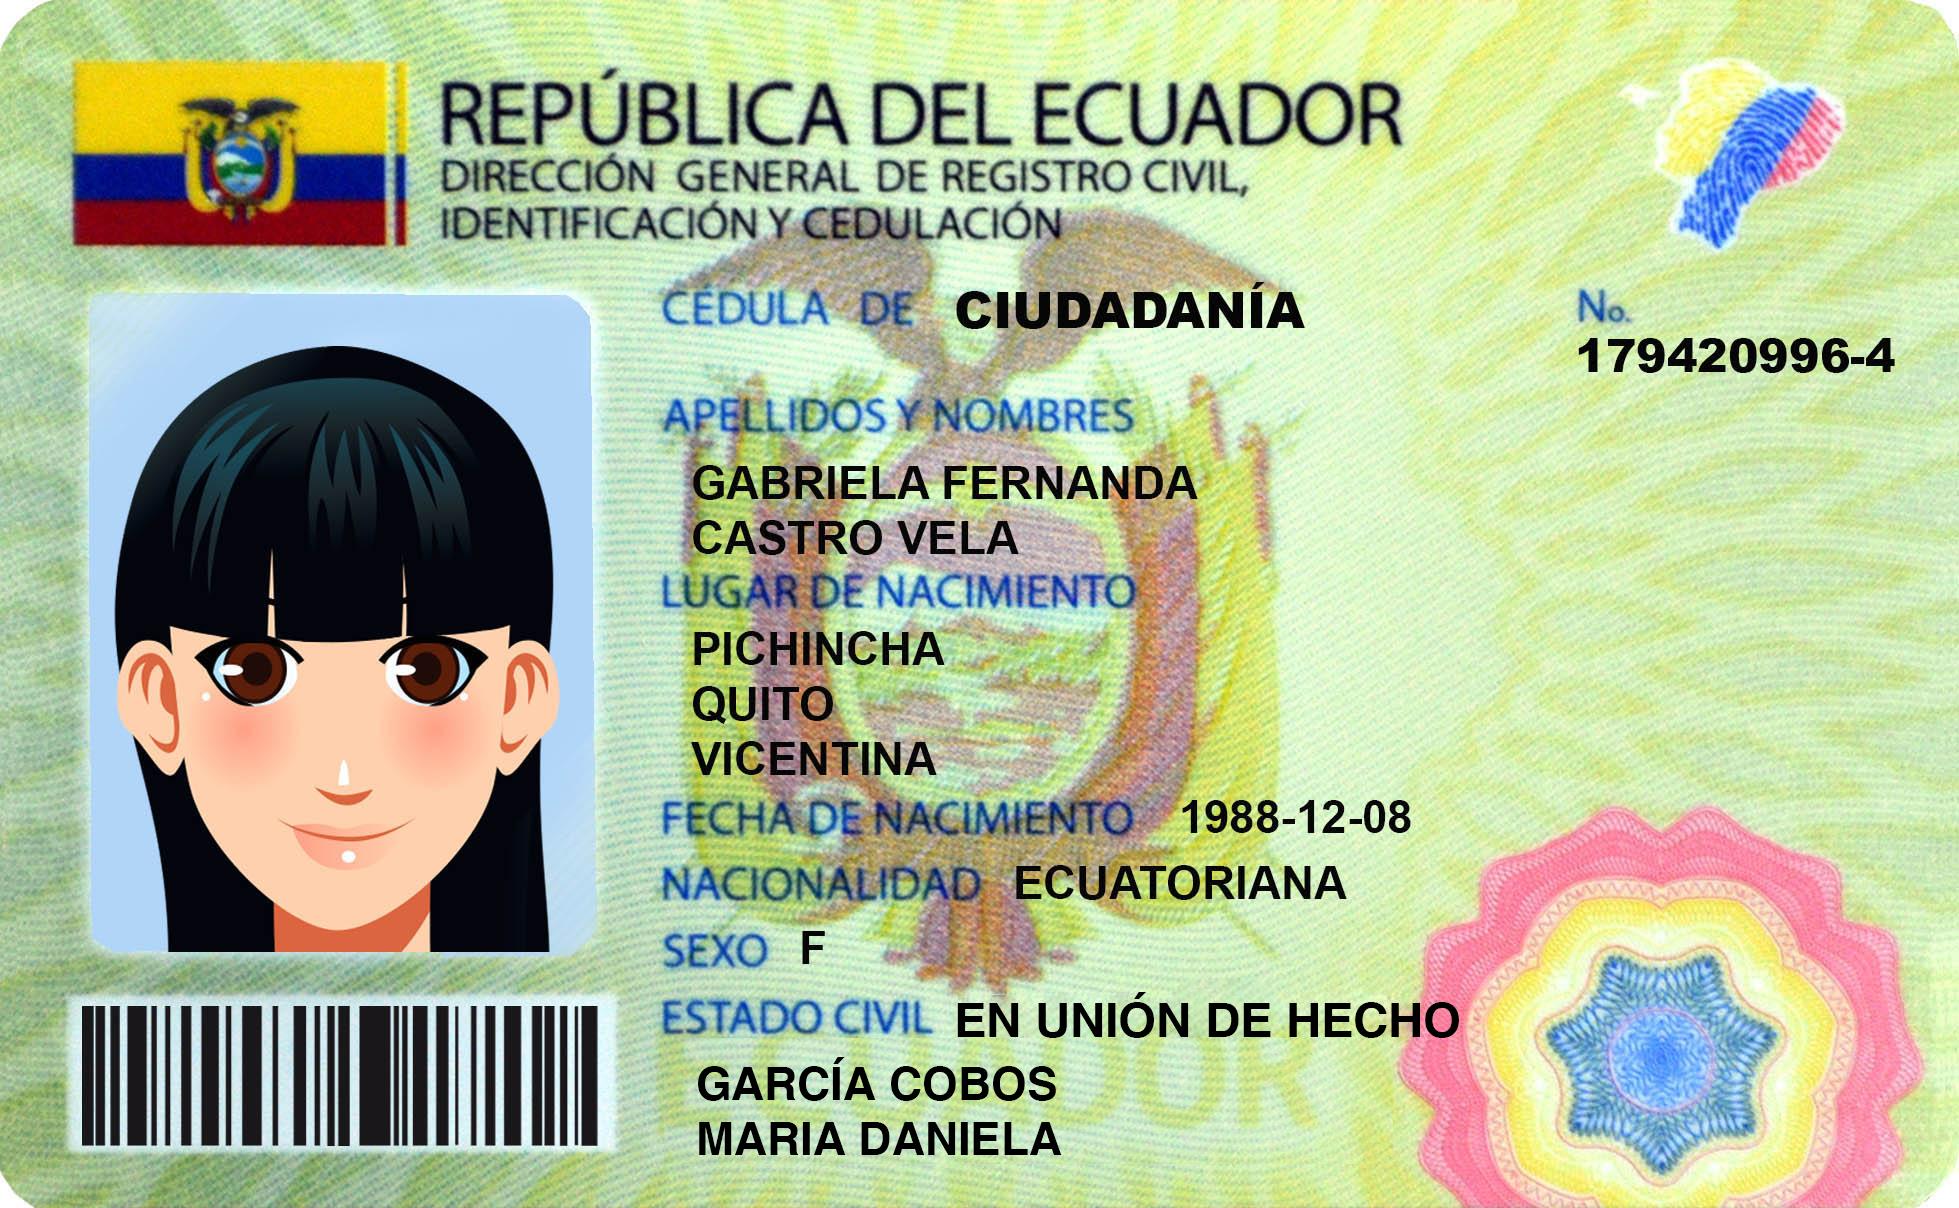 Registro de Unión de Hecho de Homosexuales - - Unión Civil Igualitaria Ecuador - Silueta X